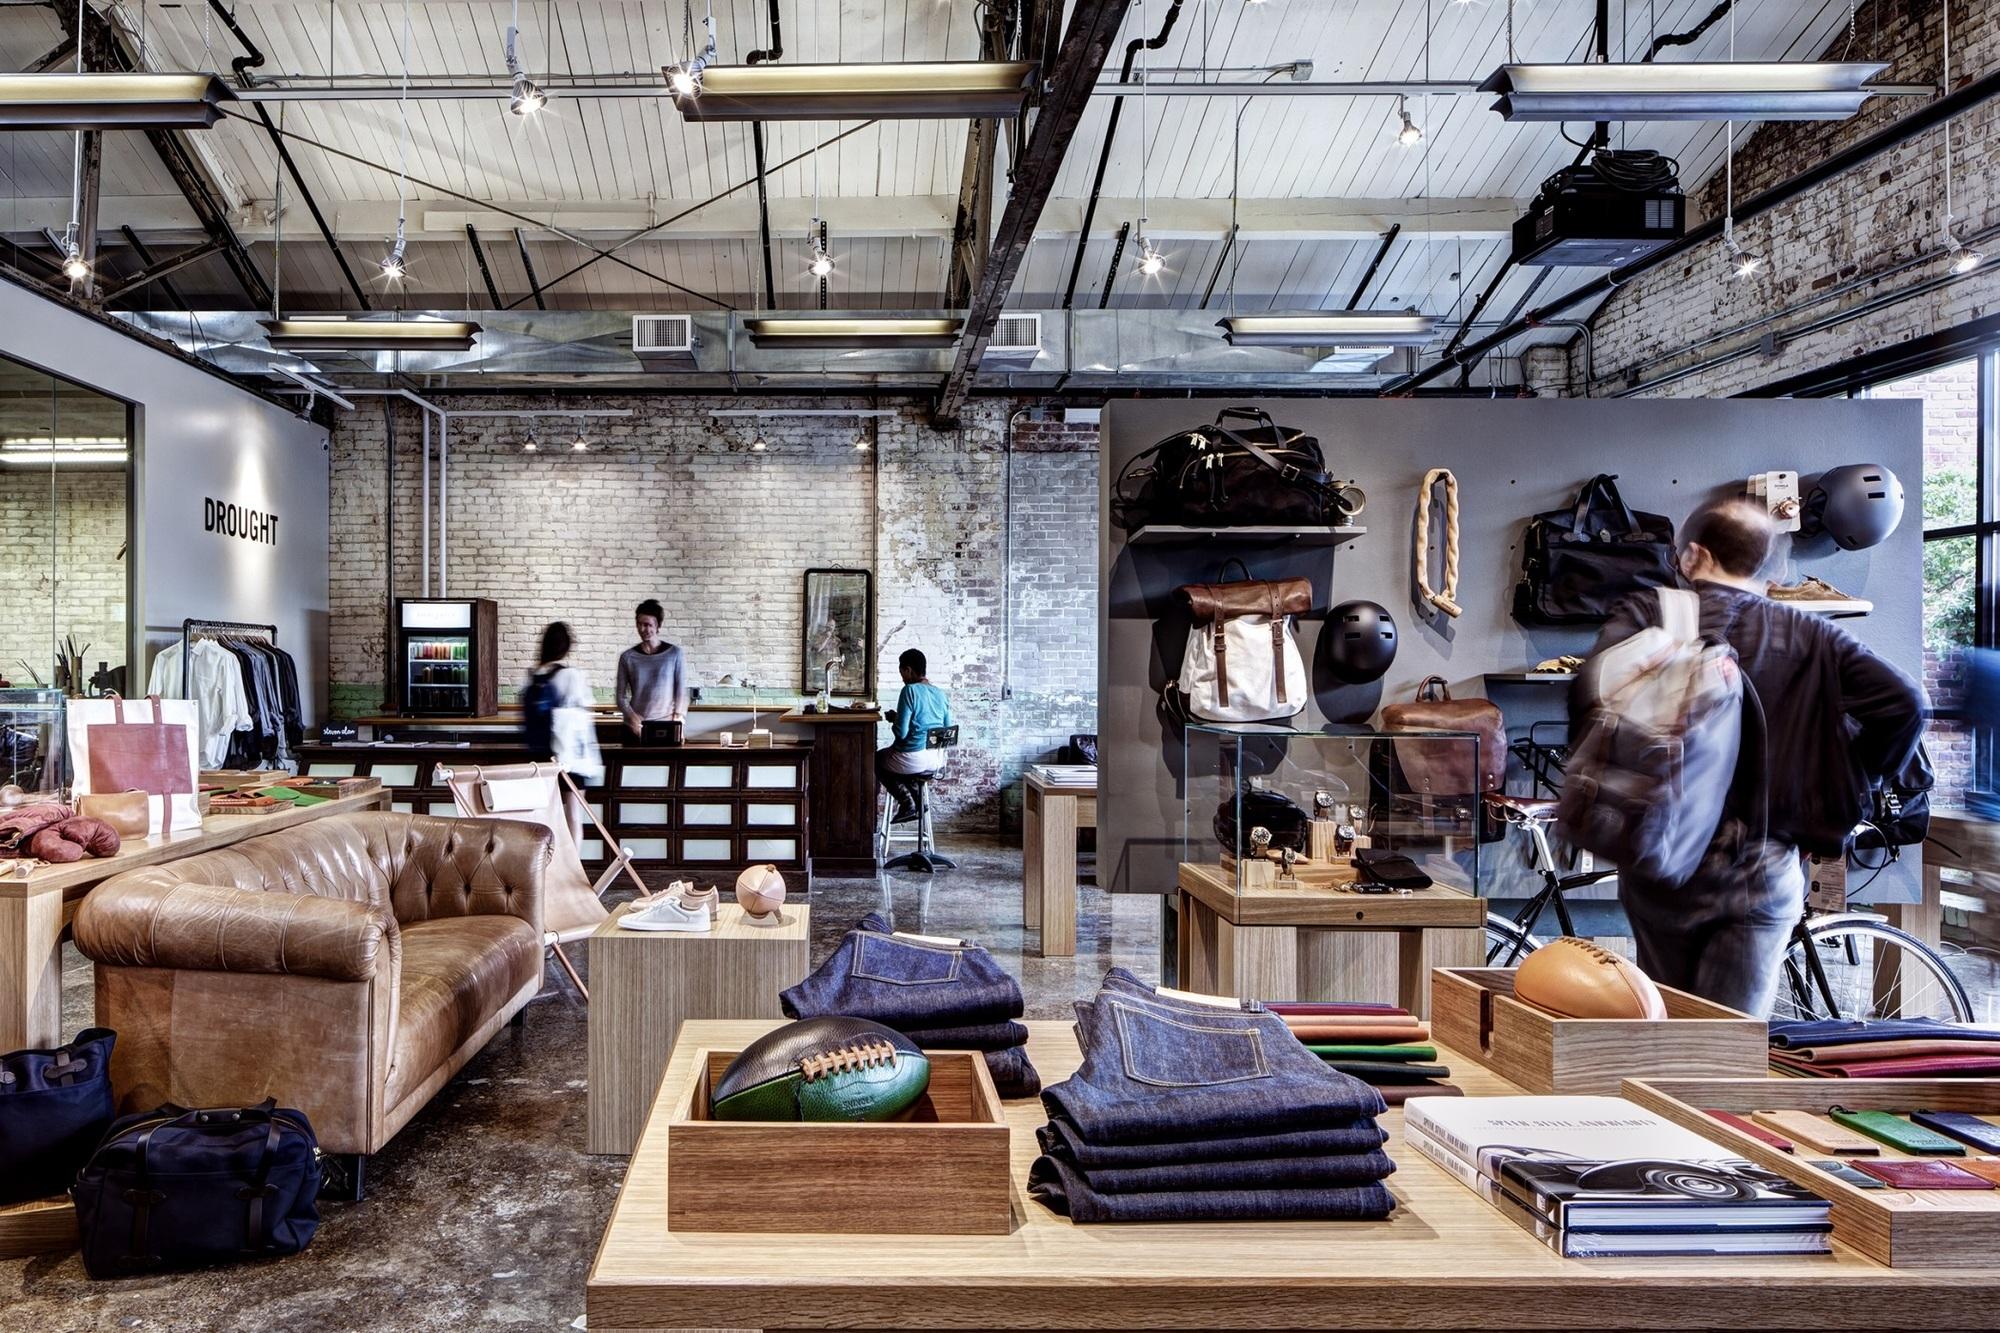 Panorama: Neuer Luxus aus Detroit - Wem die Stunde schlägt